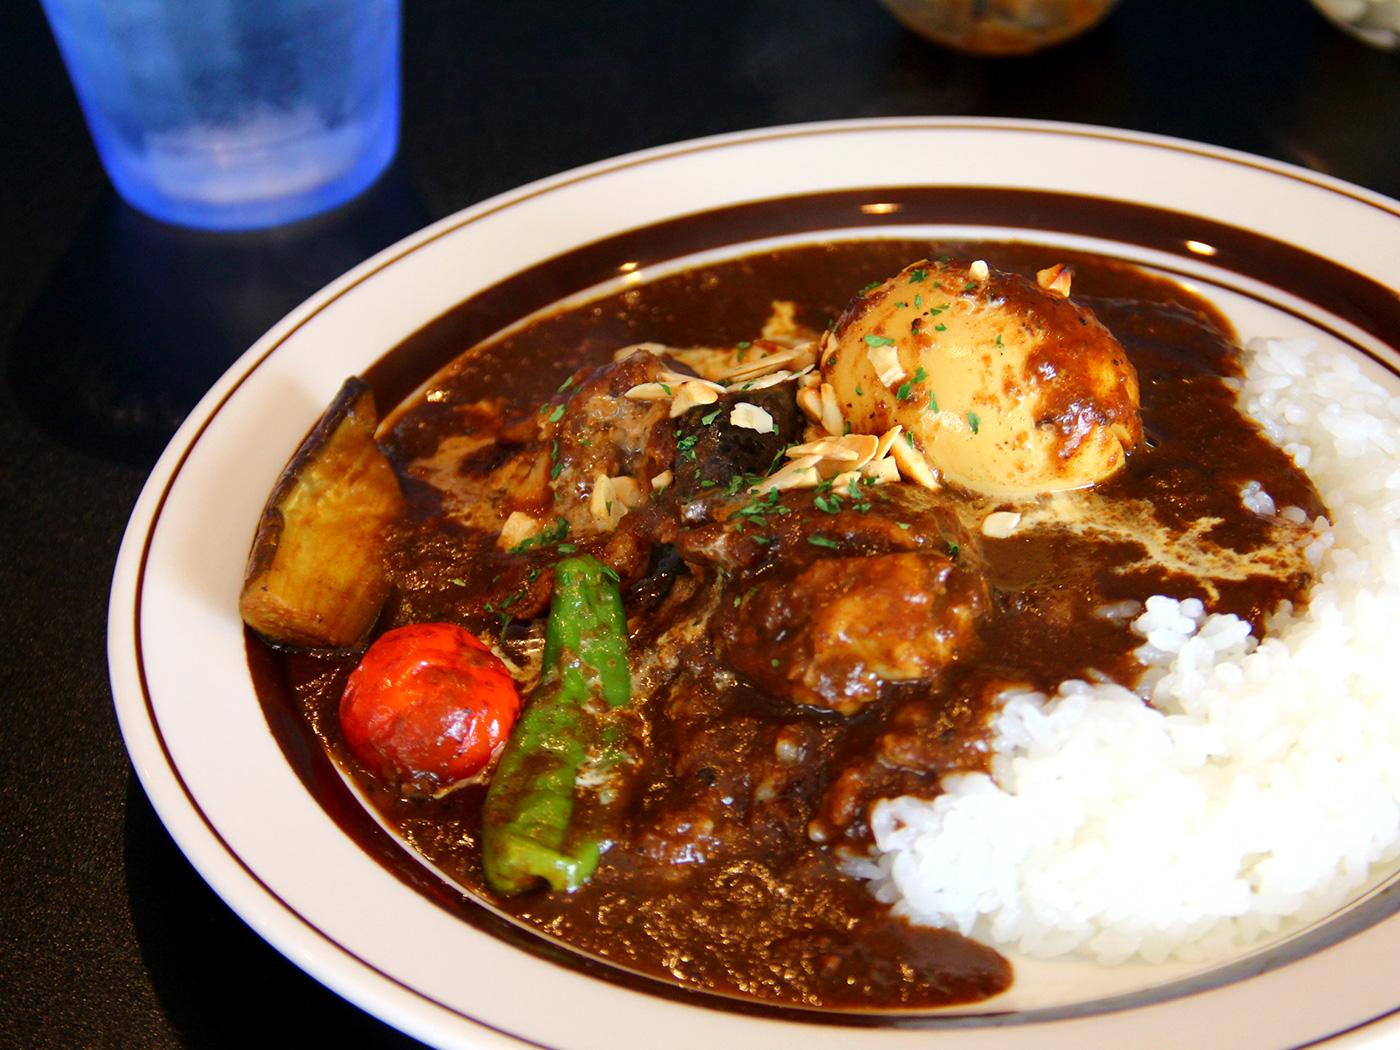 江ノ島 カレー woof curry